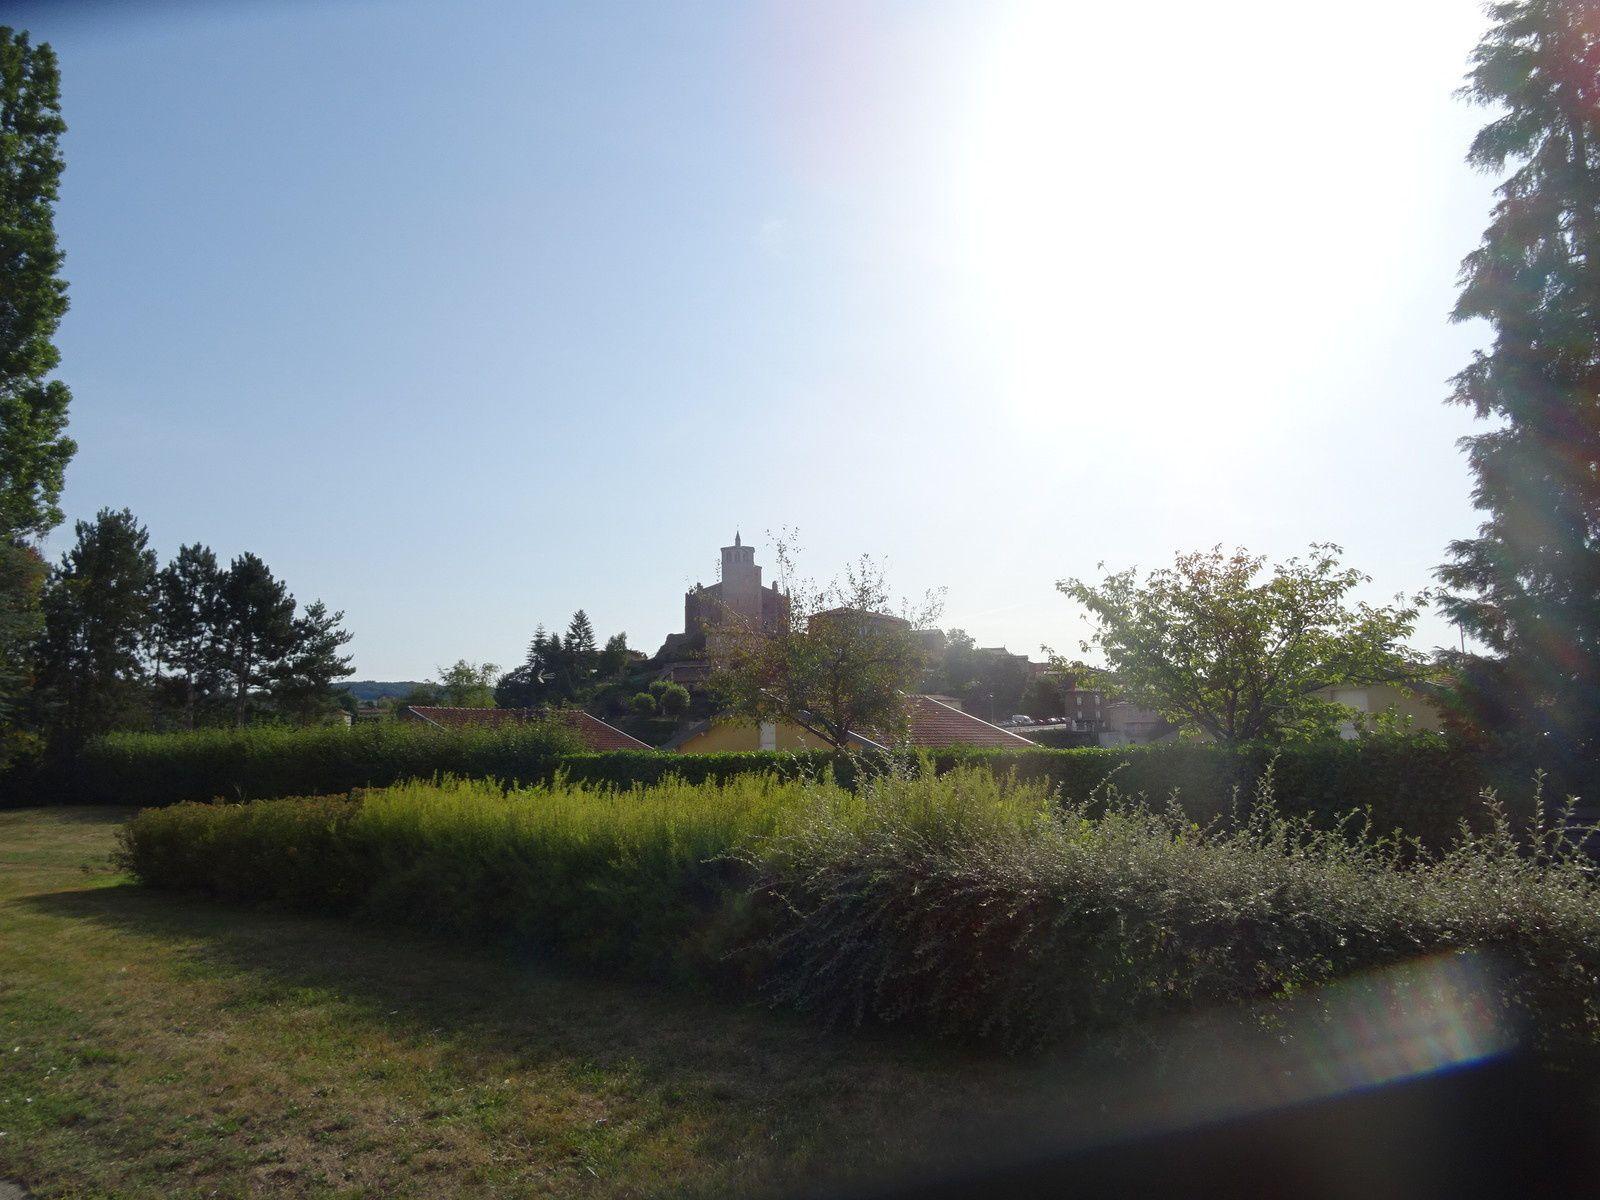 La vallée du Rhône comme fil conducteur de la 6ème étape